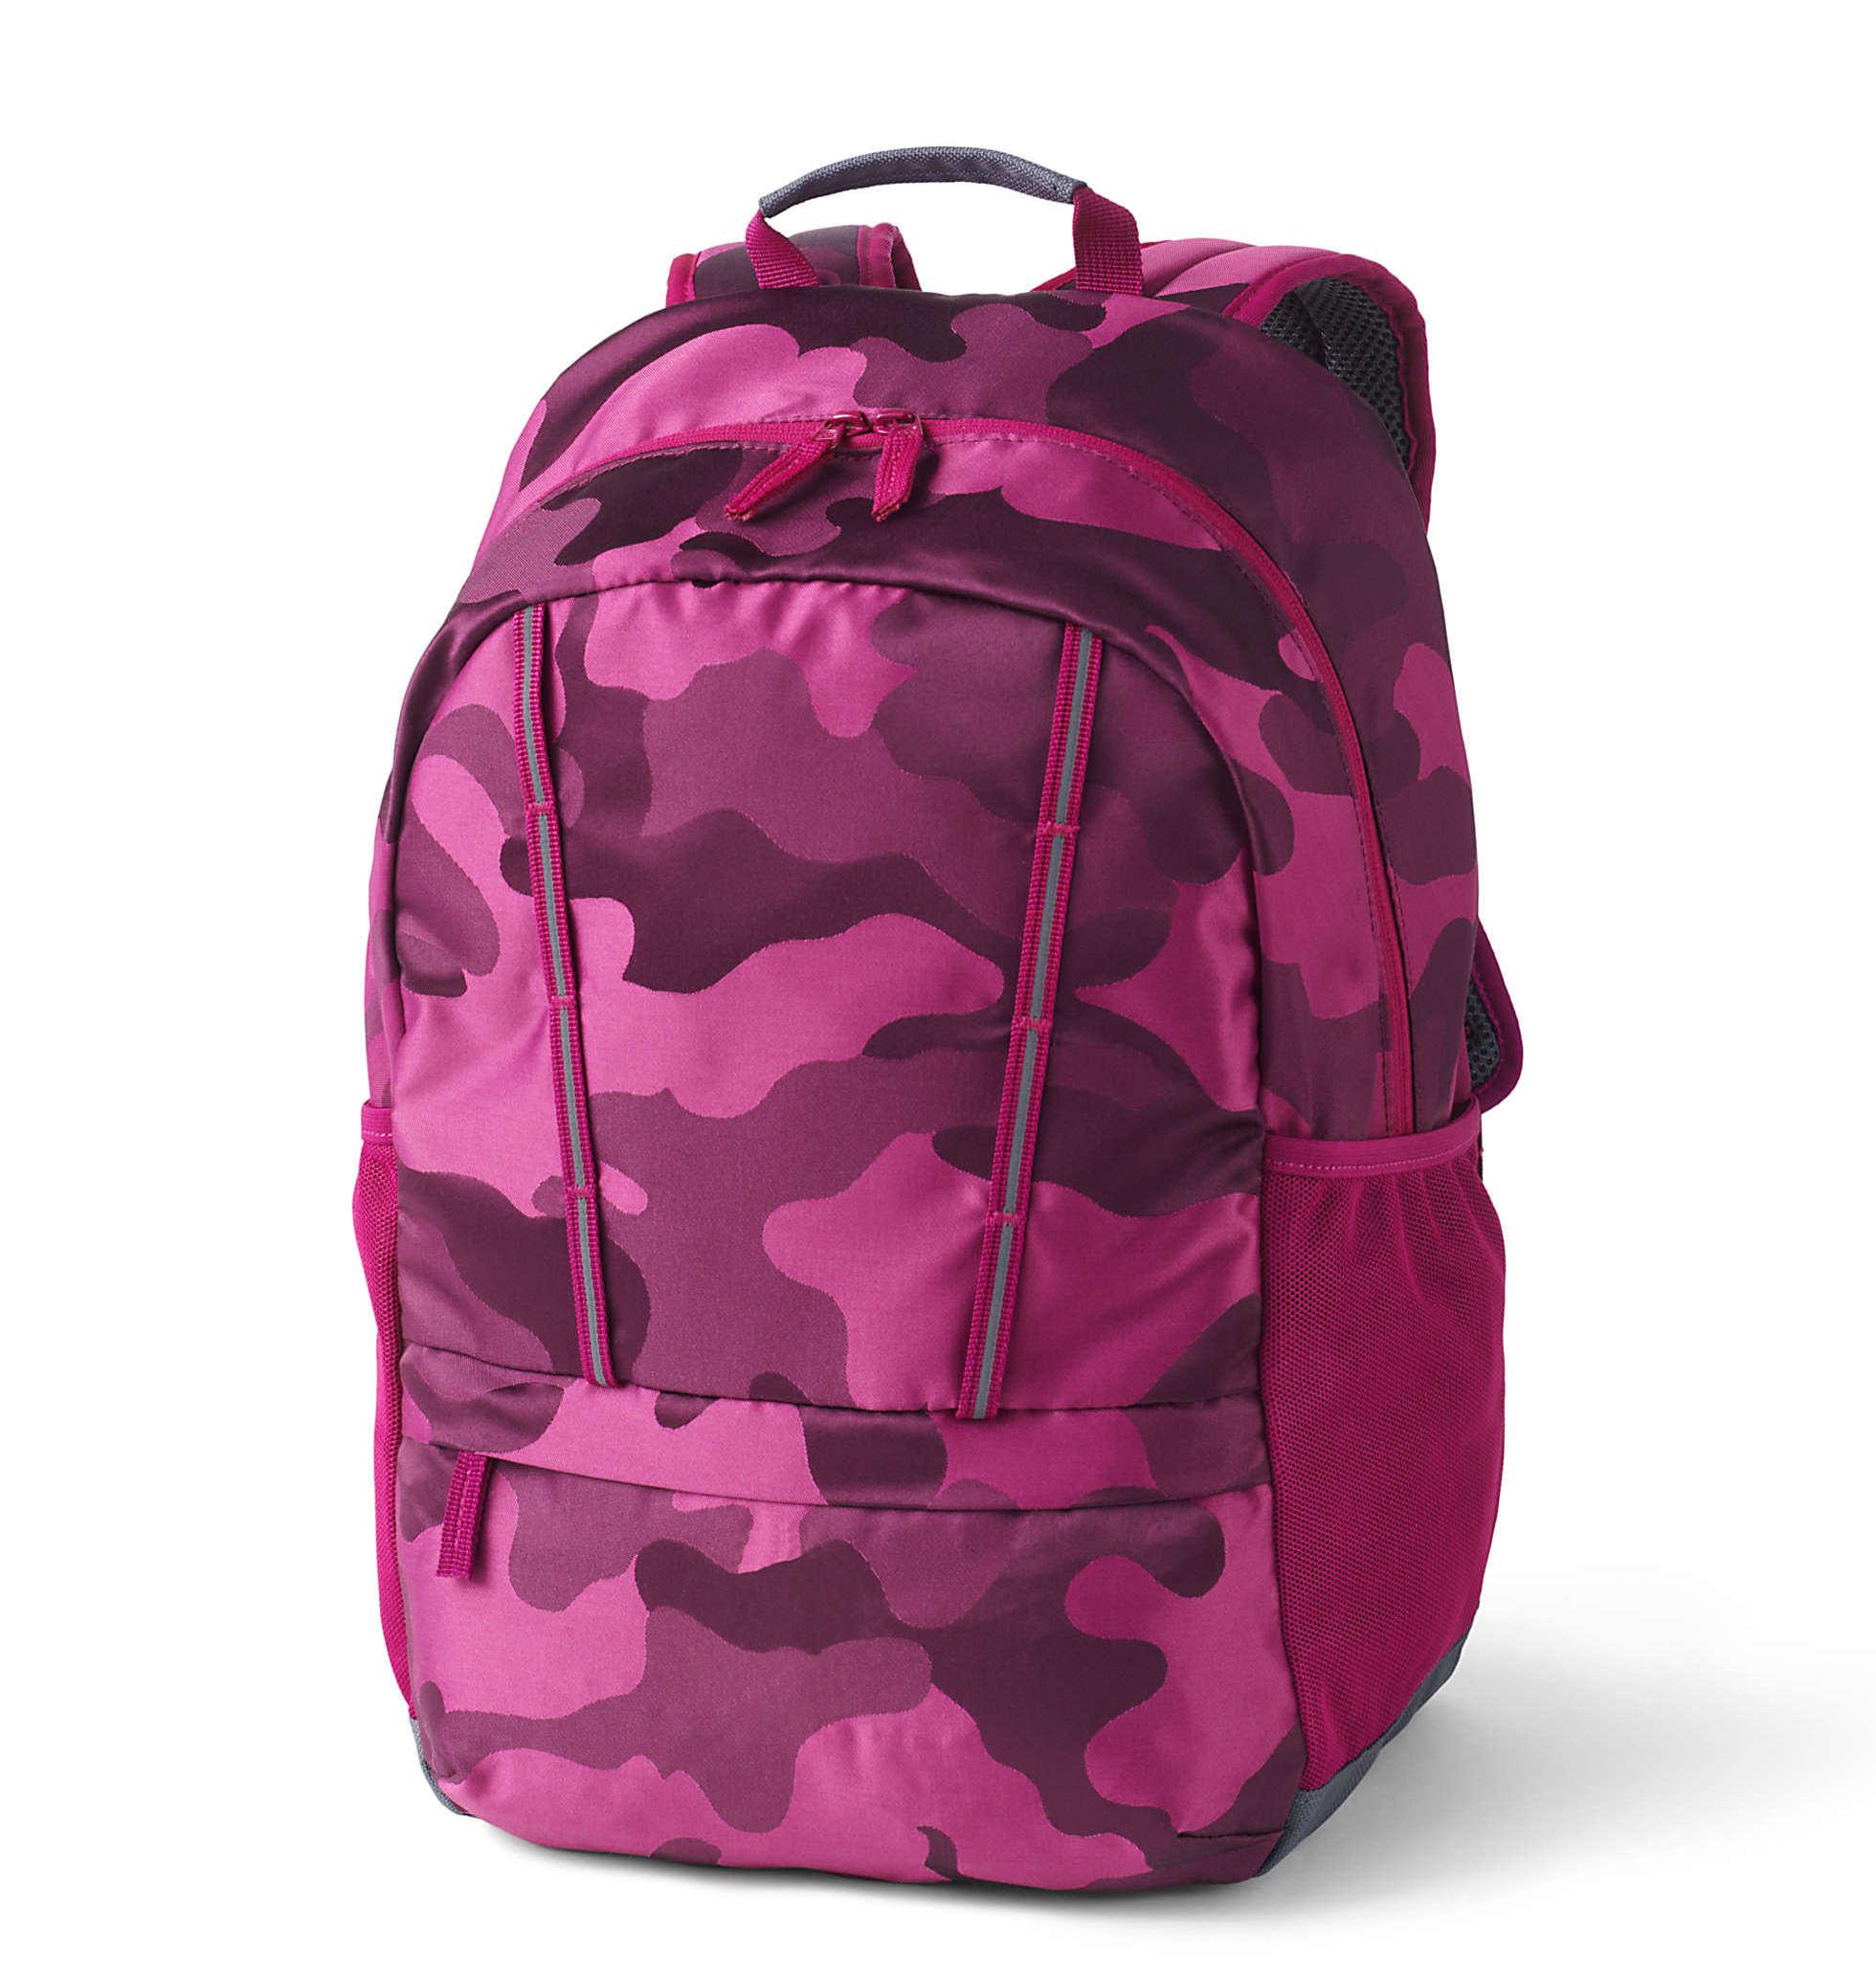 Lands' End Kids ClassMate Medium Backpack